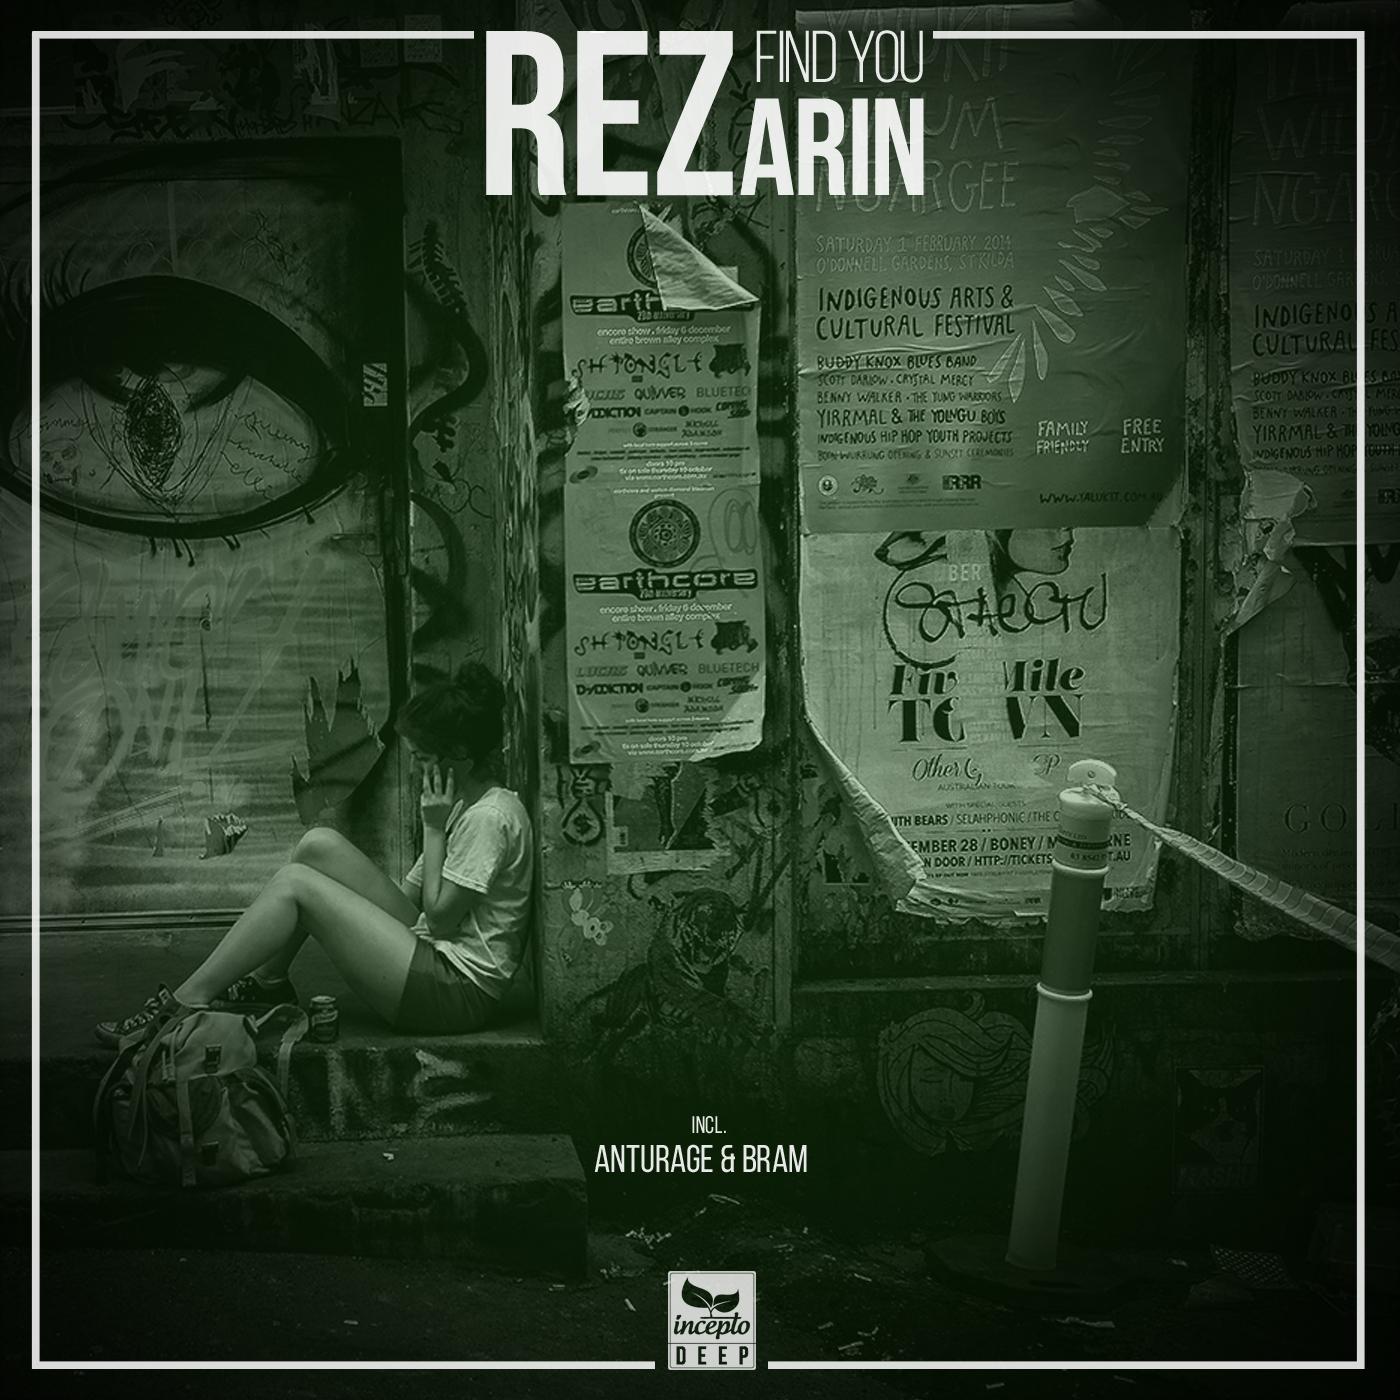 REZarin - Find You (Original Mix)